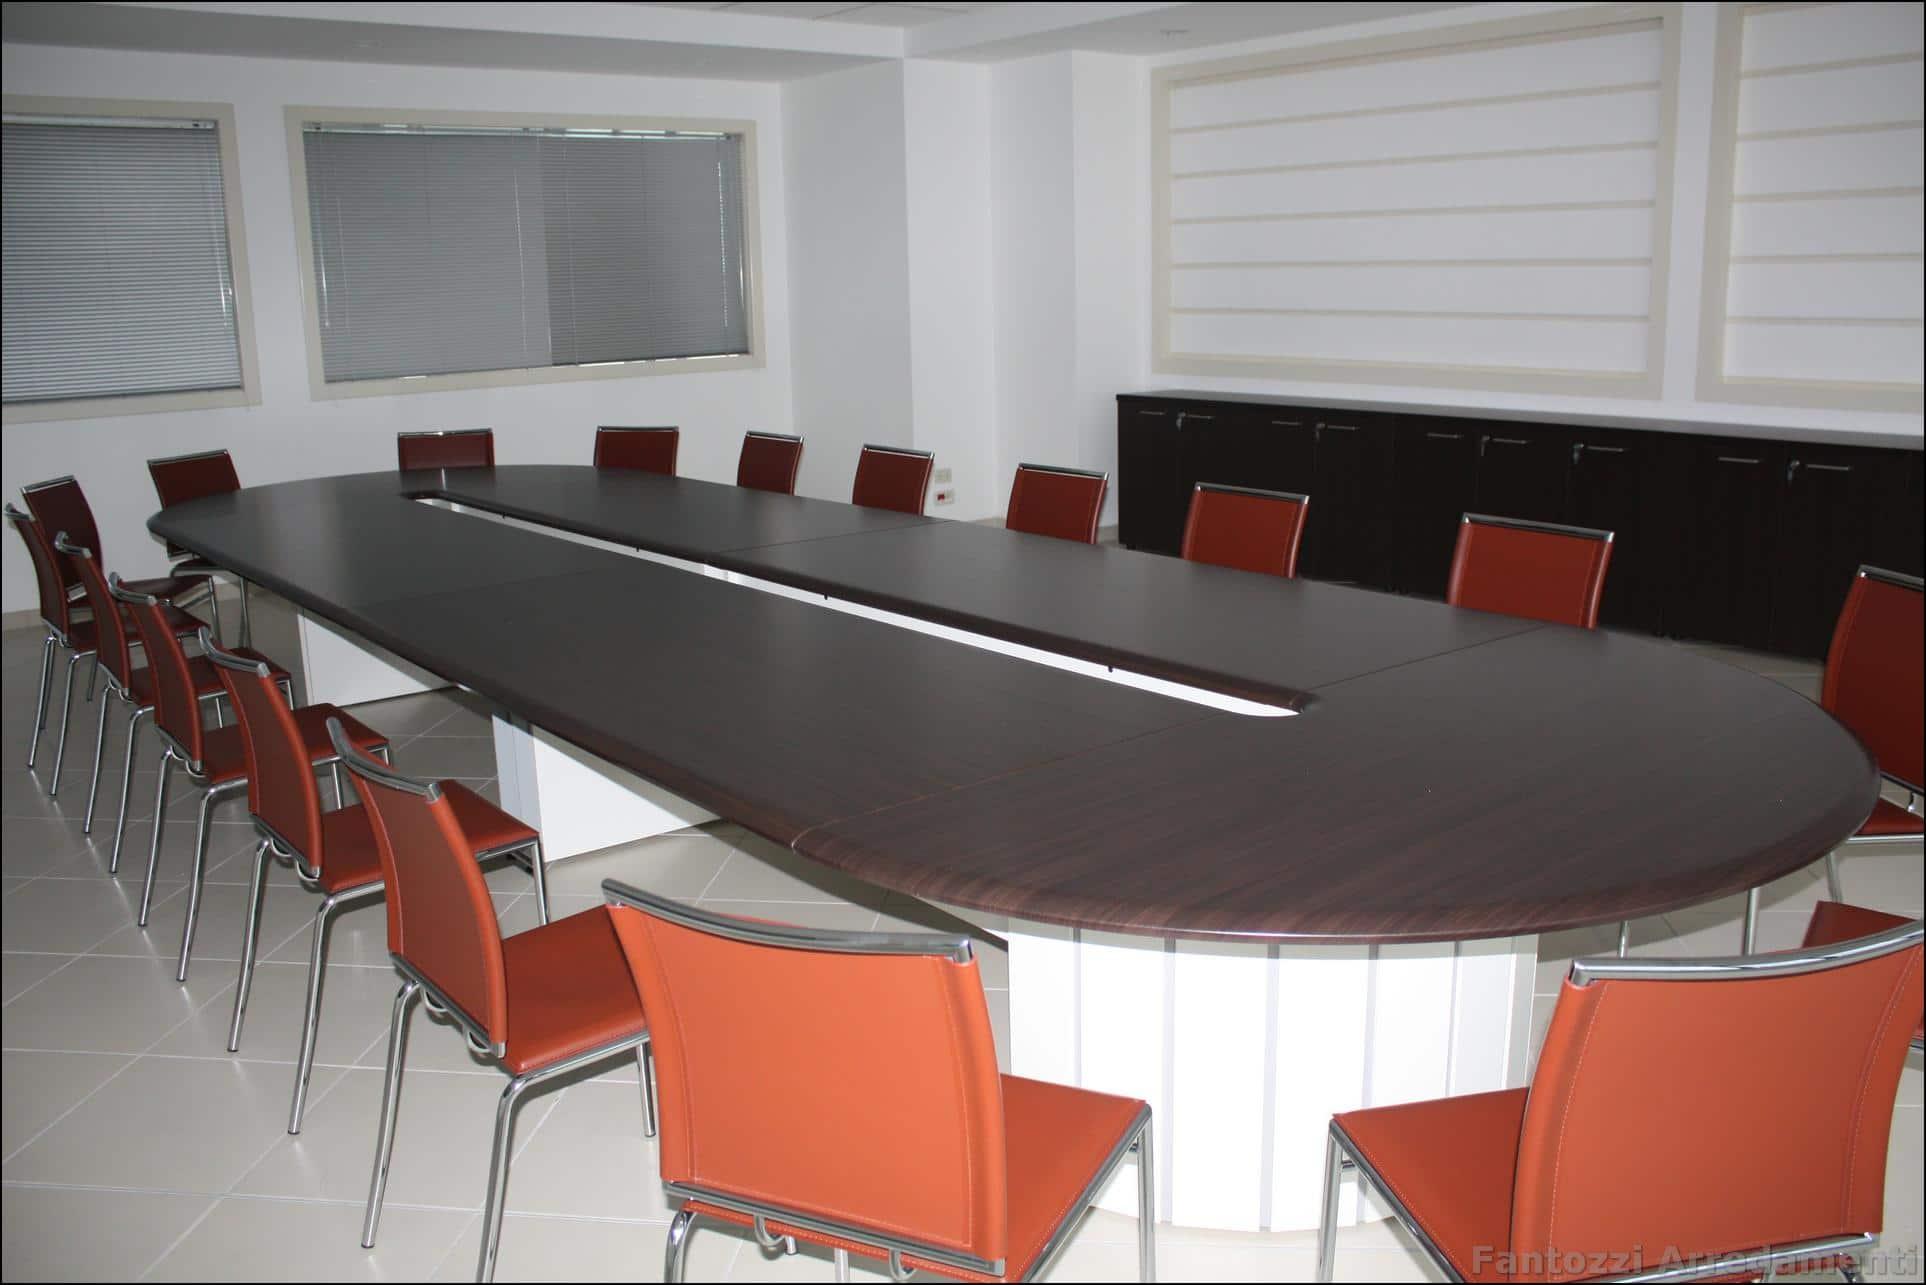 Arredamento Ufficio Pisa : Arredo ufficio classico cool gamma ufficio srl ms arredo ufficio